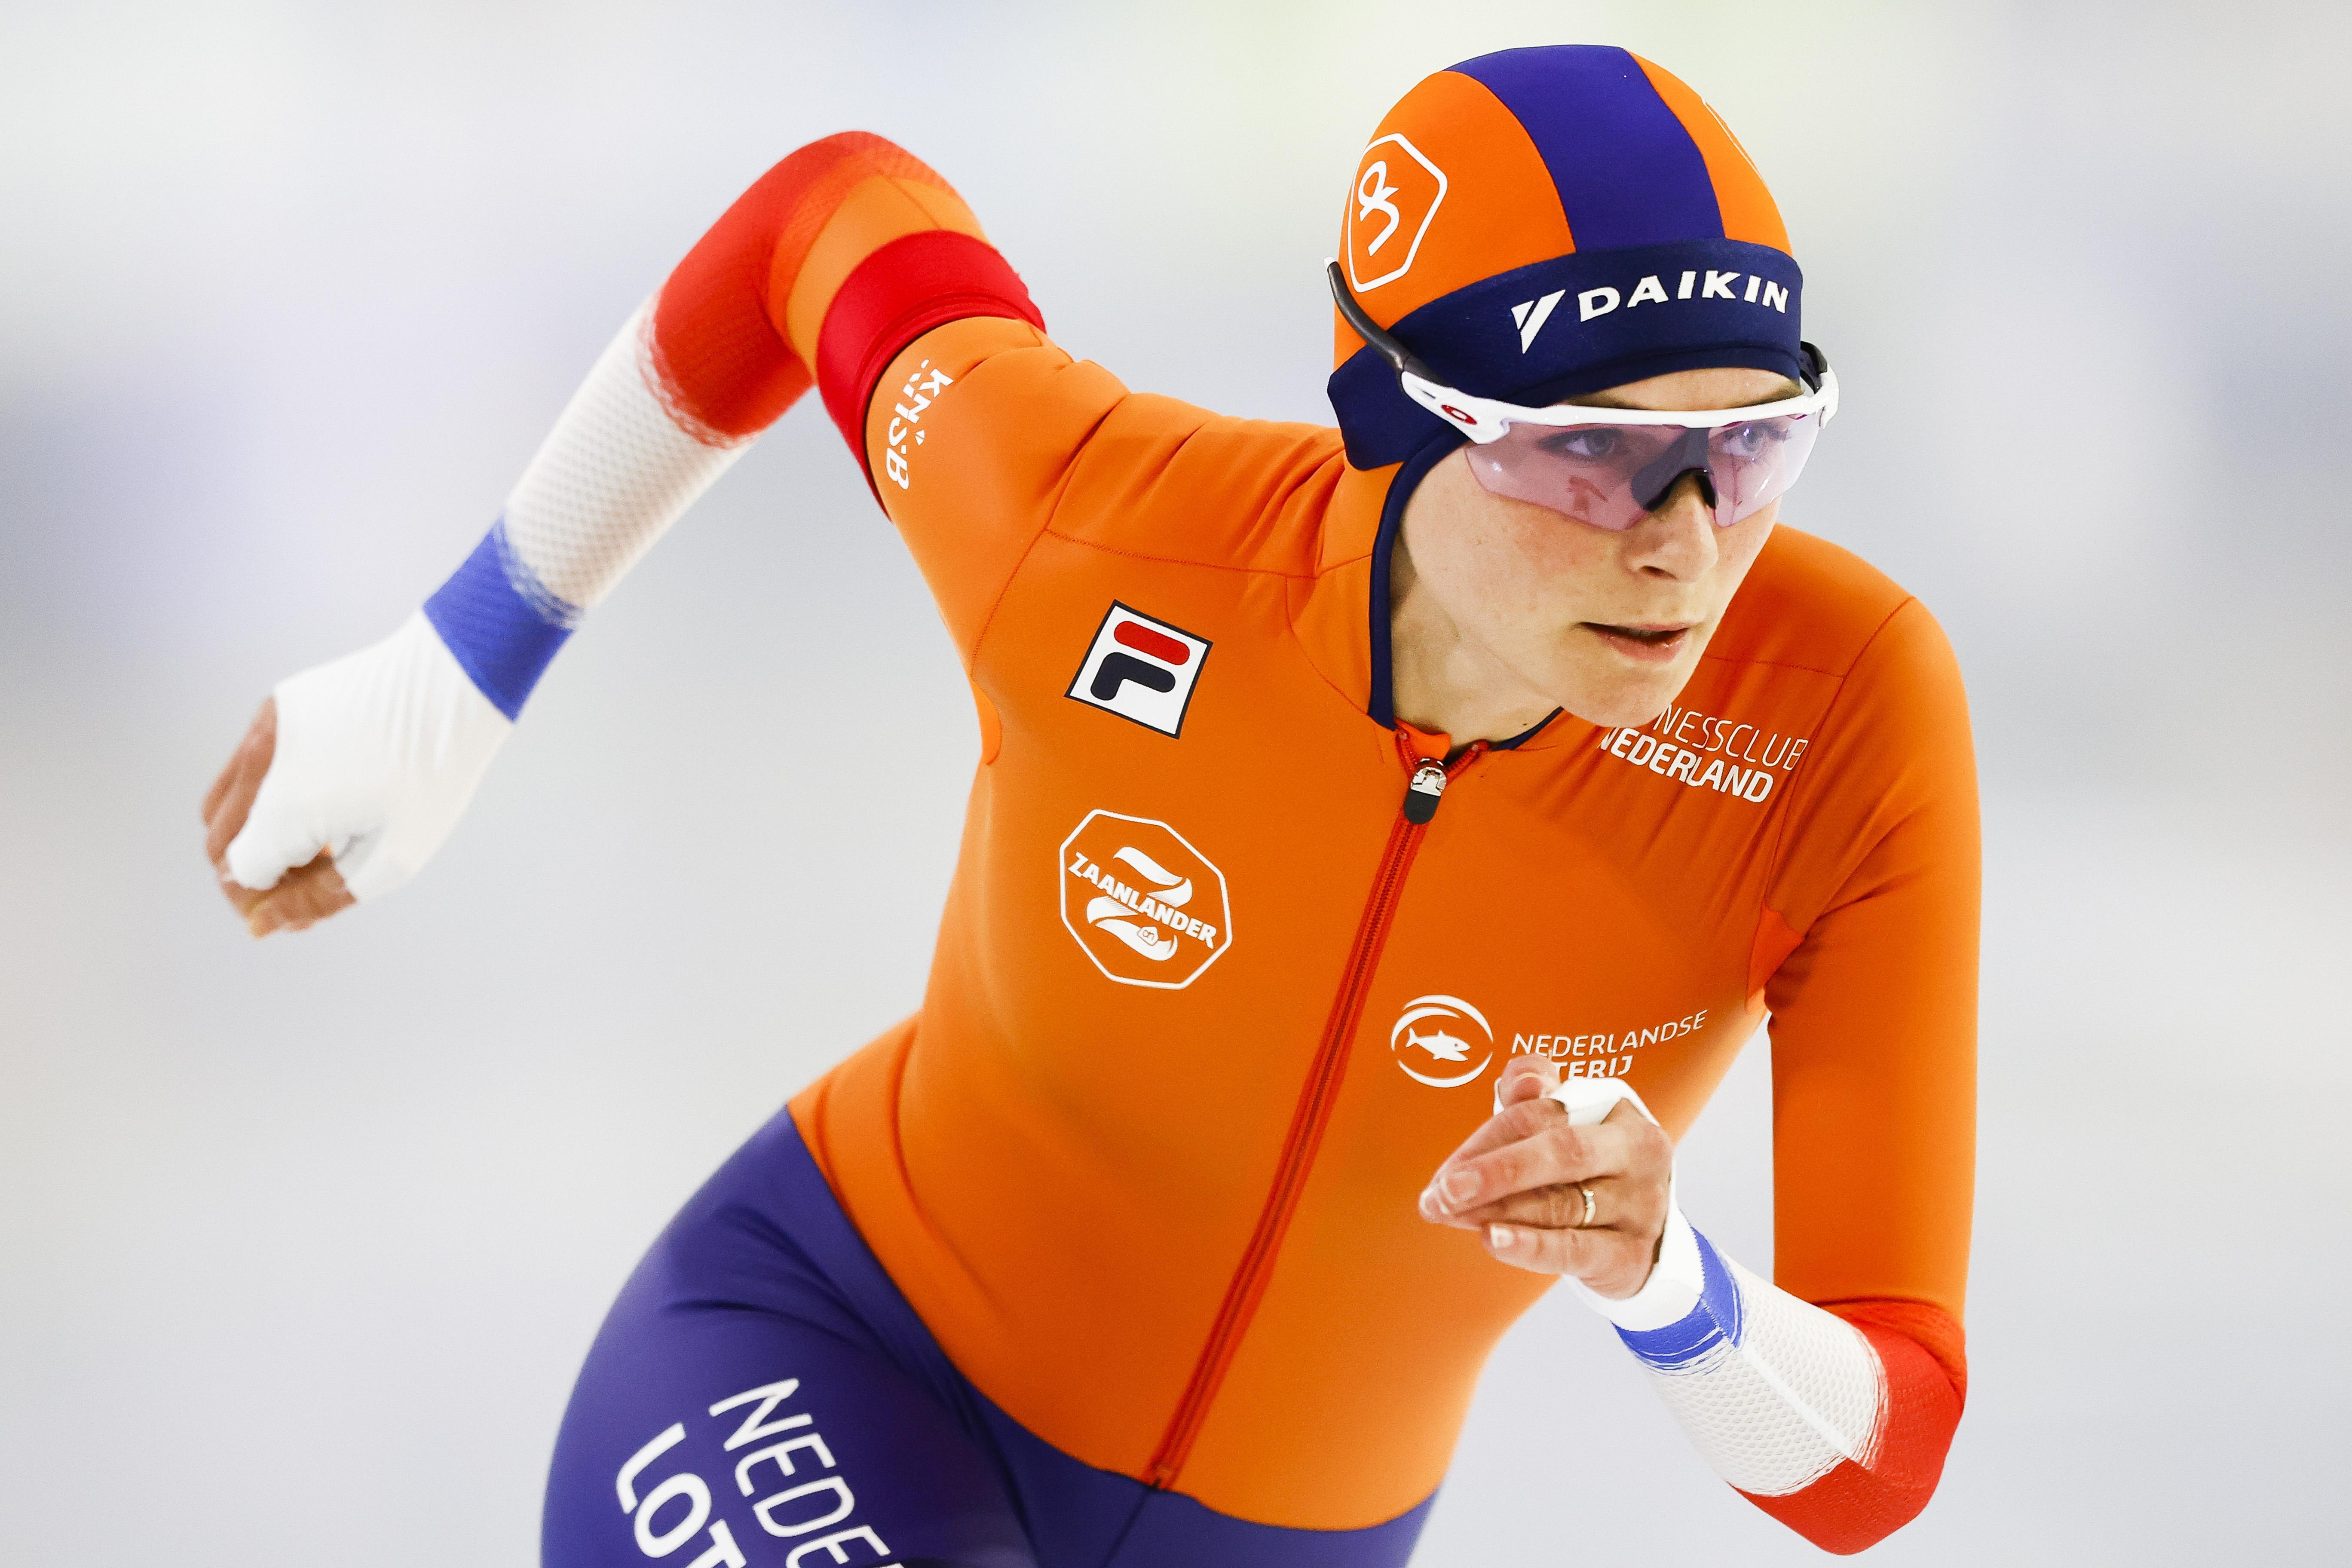 Andijkse schaatsster Irene Schouten in de vorm van haar leven: eerste wereldbekerzege op 3000 meter, omlijst met baanrecord. 'Het gaat dit seizoen wekelijks beter'